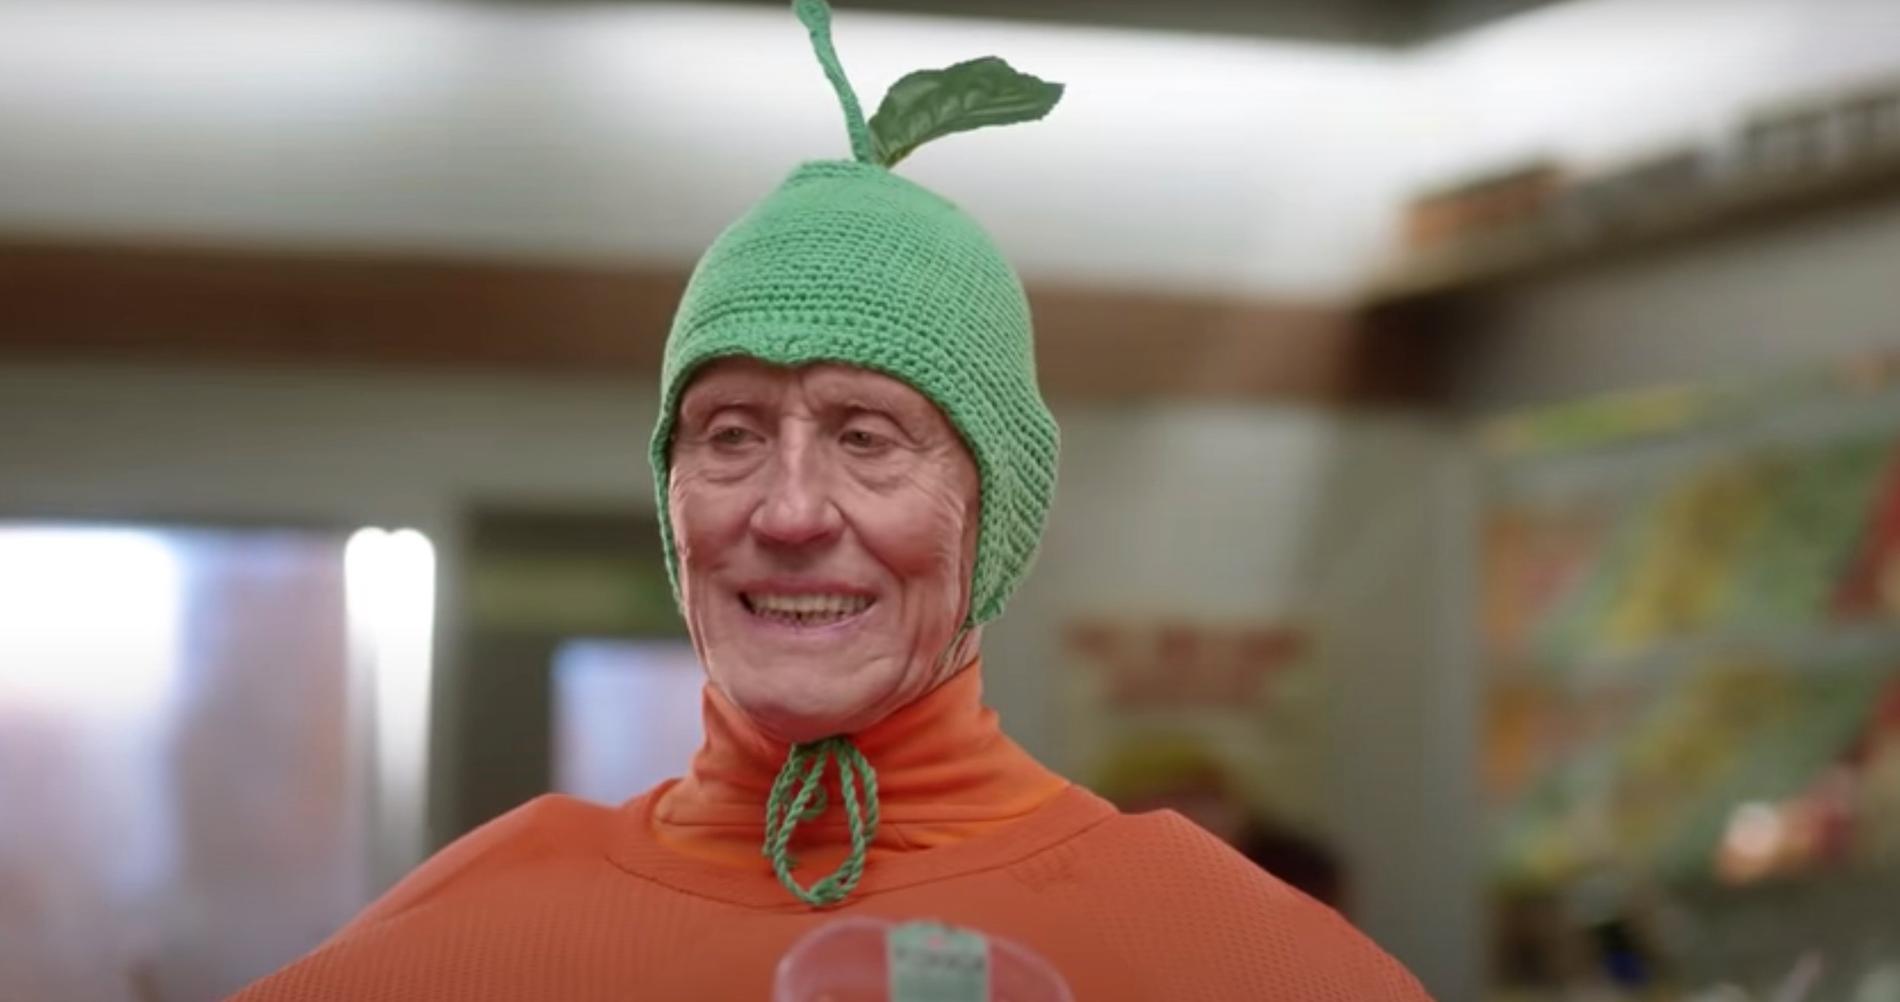 Börje Salming som apelsin i senaste Ica-reklamen.